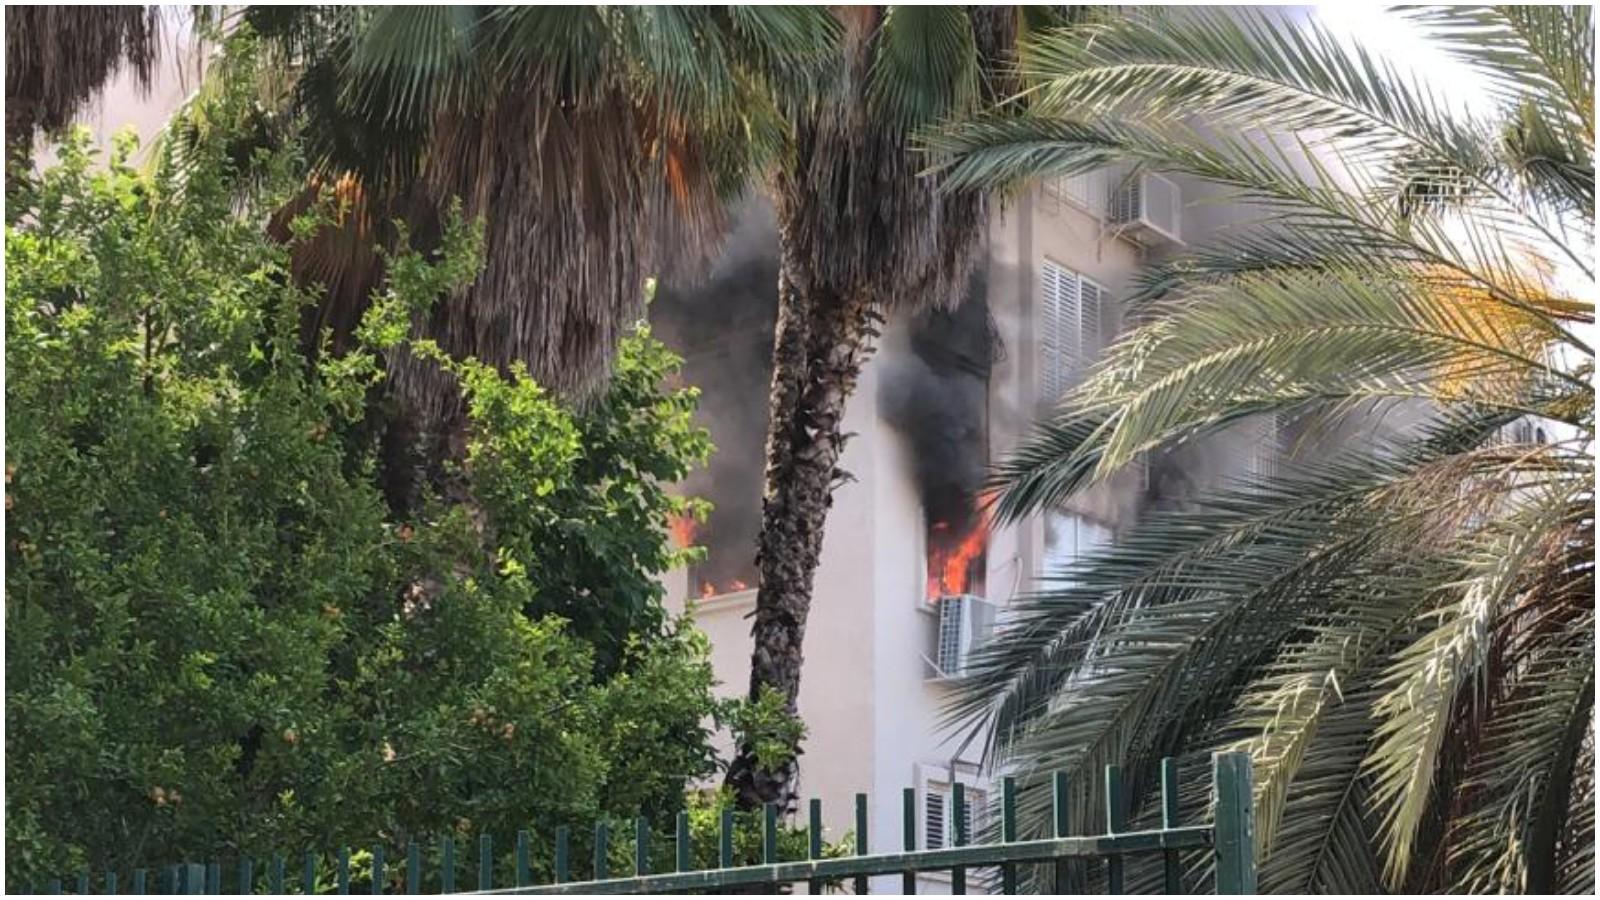 שריפה ברחוב בורכוב